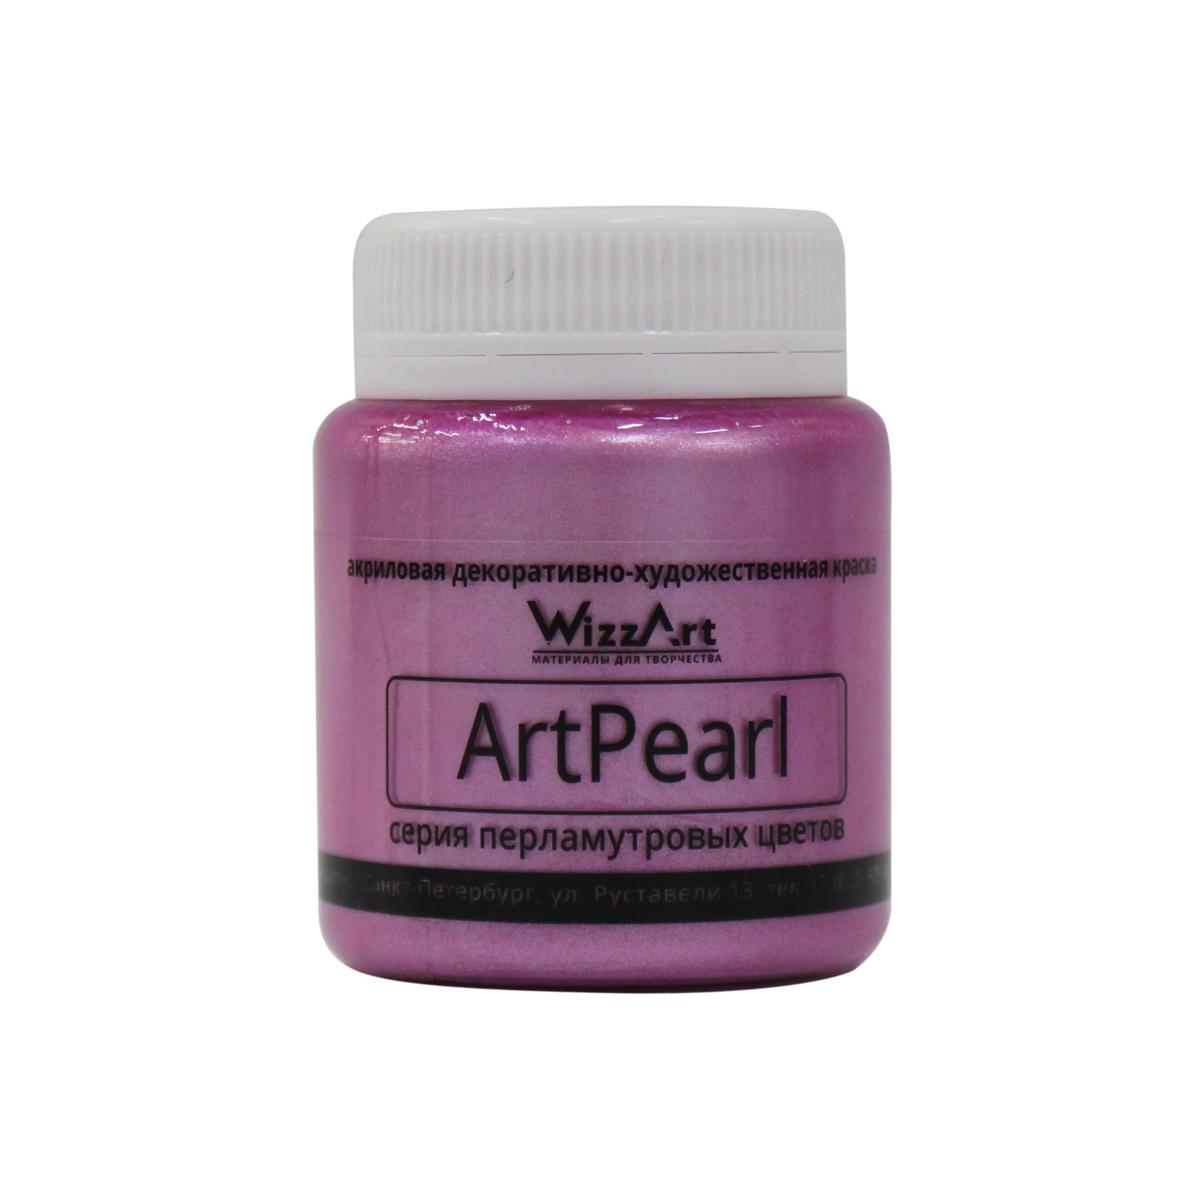 Краска акриловая Wizzart ArtPearl, цвет: розовый, 80 мл501021Линейка акриловых красок WizzArt под названием ArtPearl- это широкий ассортимент перламутровых оттенков. Эффект перламутра помогает создать красивейшие рисунки и замечательный декор. Перламутровая акриловая краска быстро высыхает, прочно держится, создает ровную и гладкую поверхность, которая красиво переливается на свету. Ее мягкое сияние придаст изюминку любому произведению декоративно-прикладного искусства. Все краски WizzArt отлично совместимы между собой, что открывает широкие горизонты для реализации творческих идей. Ими можно декорировать посуду, открытки, рамки для фото, подарочные коробки, зеркала, елочные игрушки. Акриловые краски WizzArt обладают равномерной текстурой, отлично ложатся на любую обезжиренную поверхность и надежно держатся на ней после высыхания, надолго сохраняя яркость цвета и эластичность. Данные краски не содержат токсичных веществ и не имеют сильного запаха.Объем: 80 мл.Товар сертифицирован.